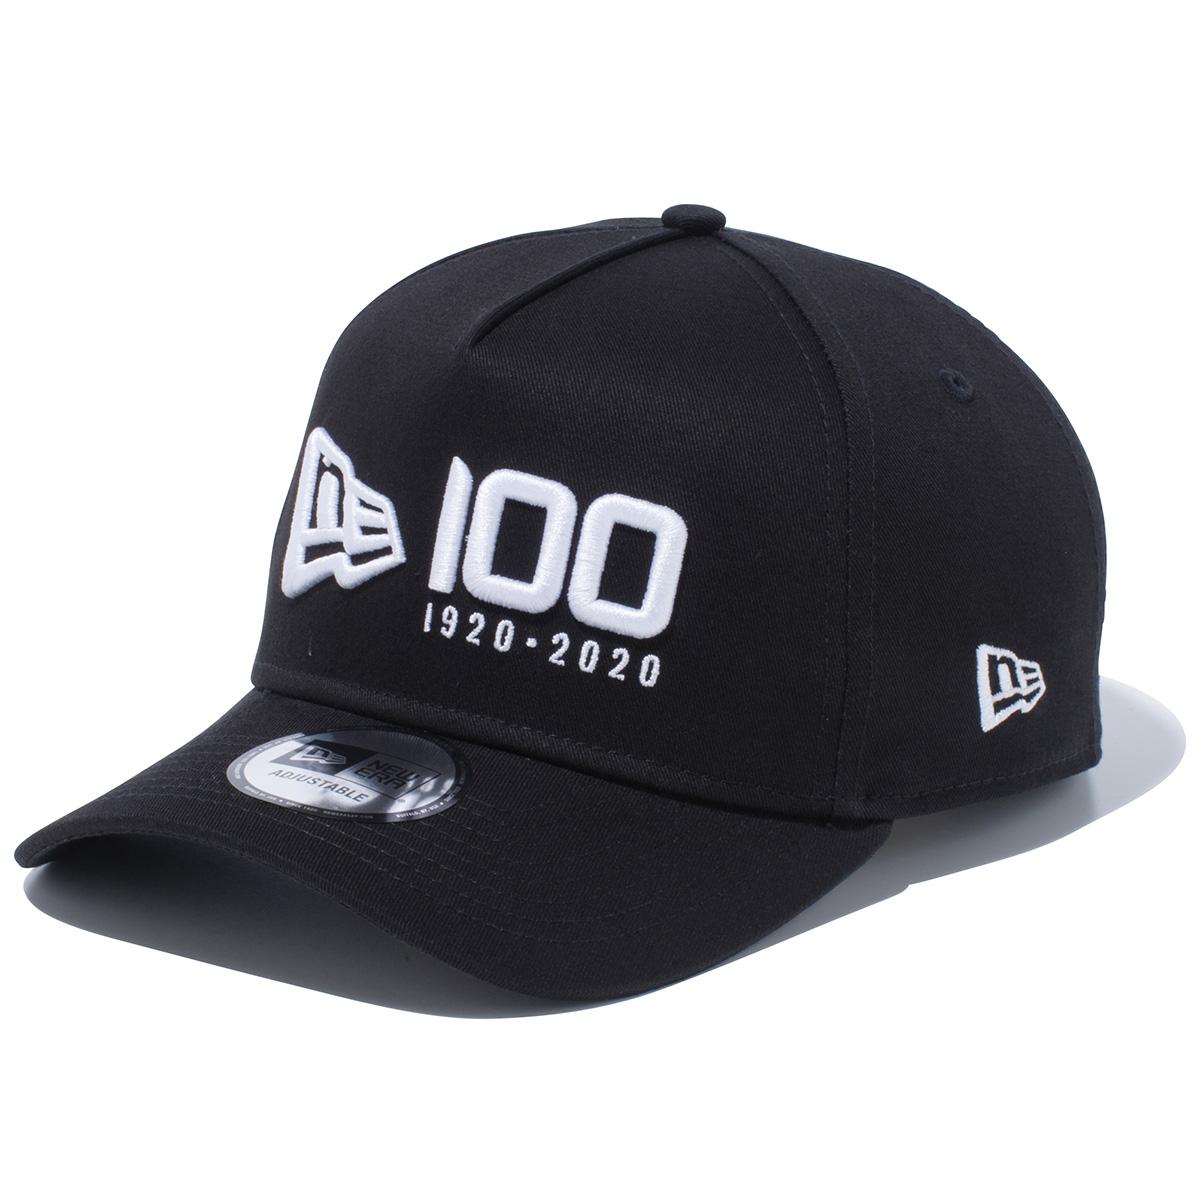 940AF NEWERA 100TH LOGO キャップ